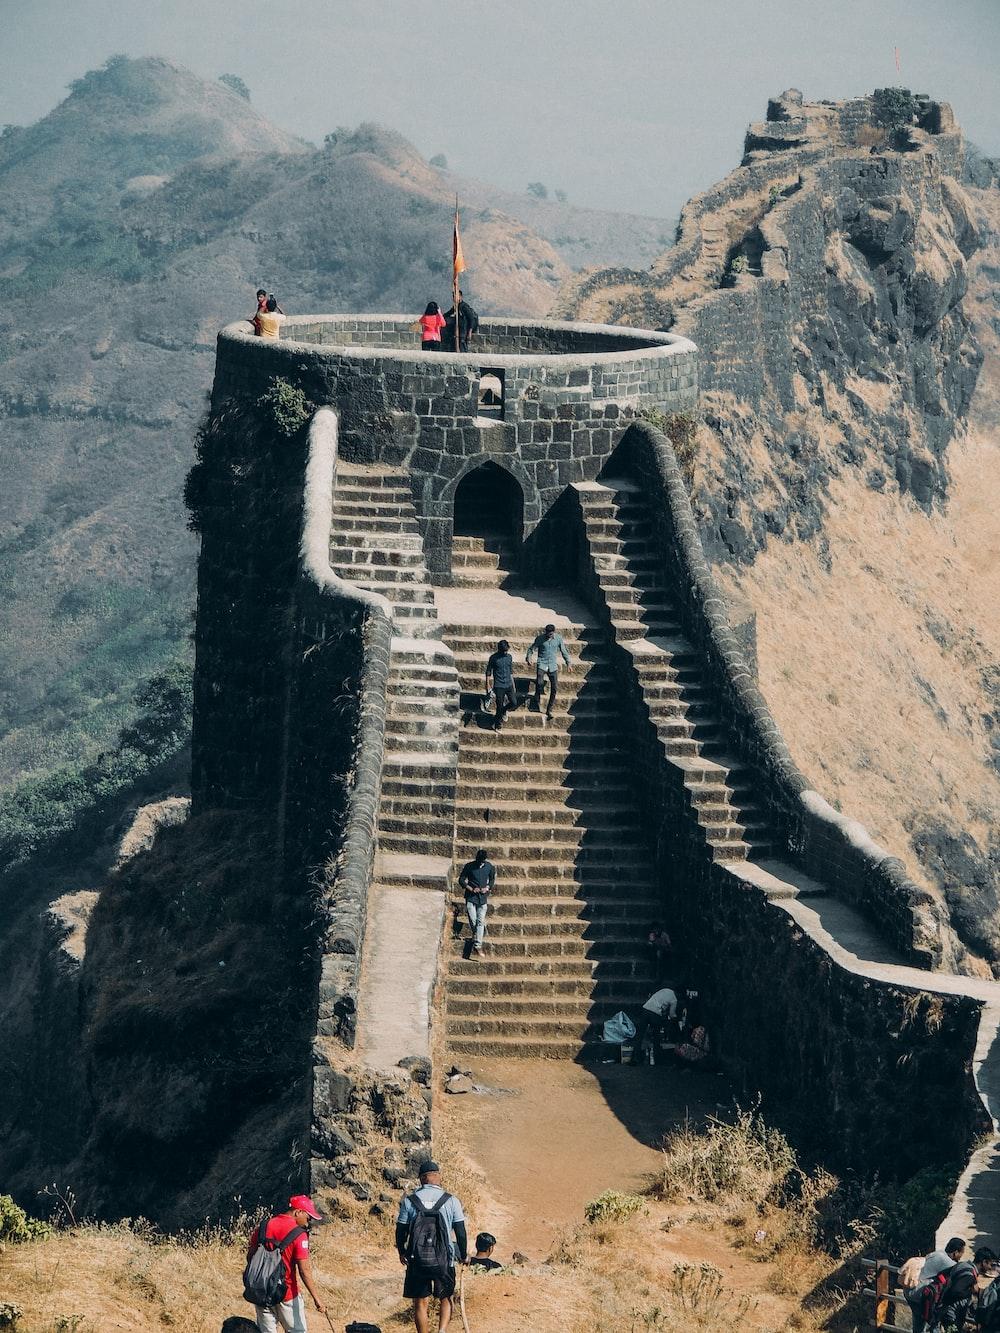 people walking on concrete bridge during daytime